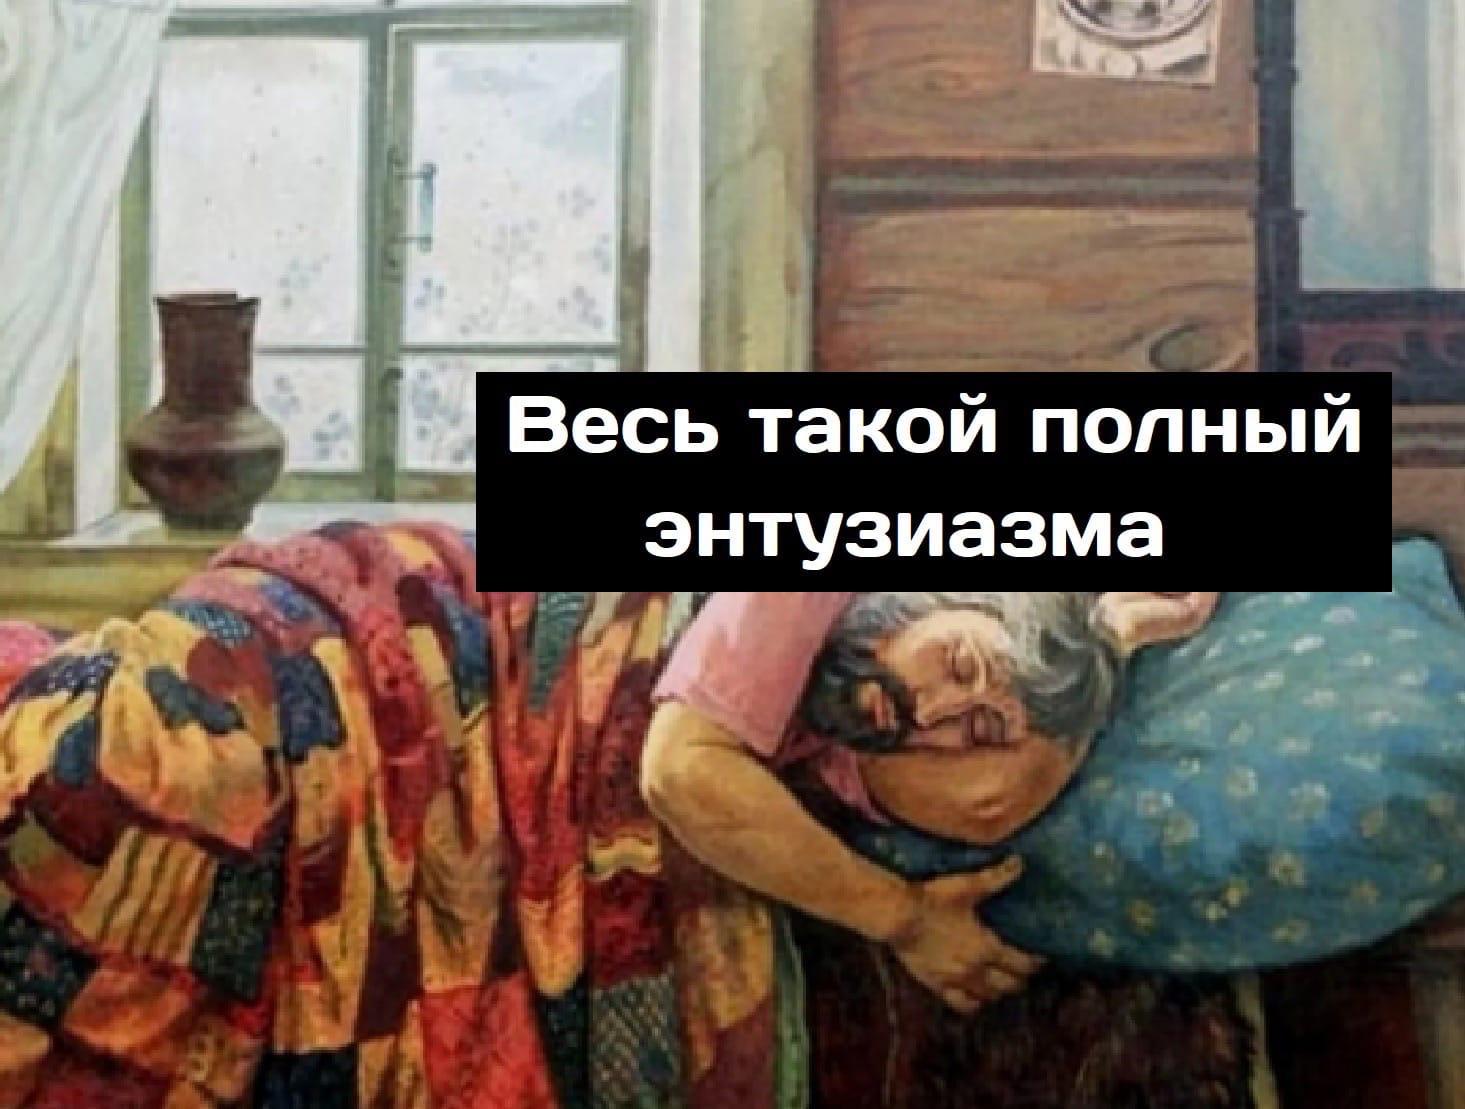 Энтузиазм поспать